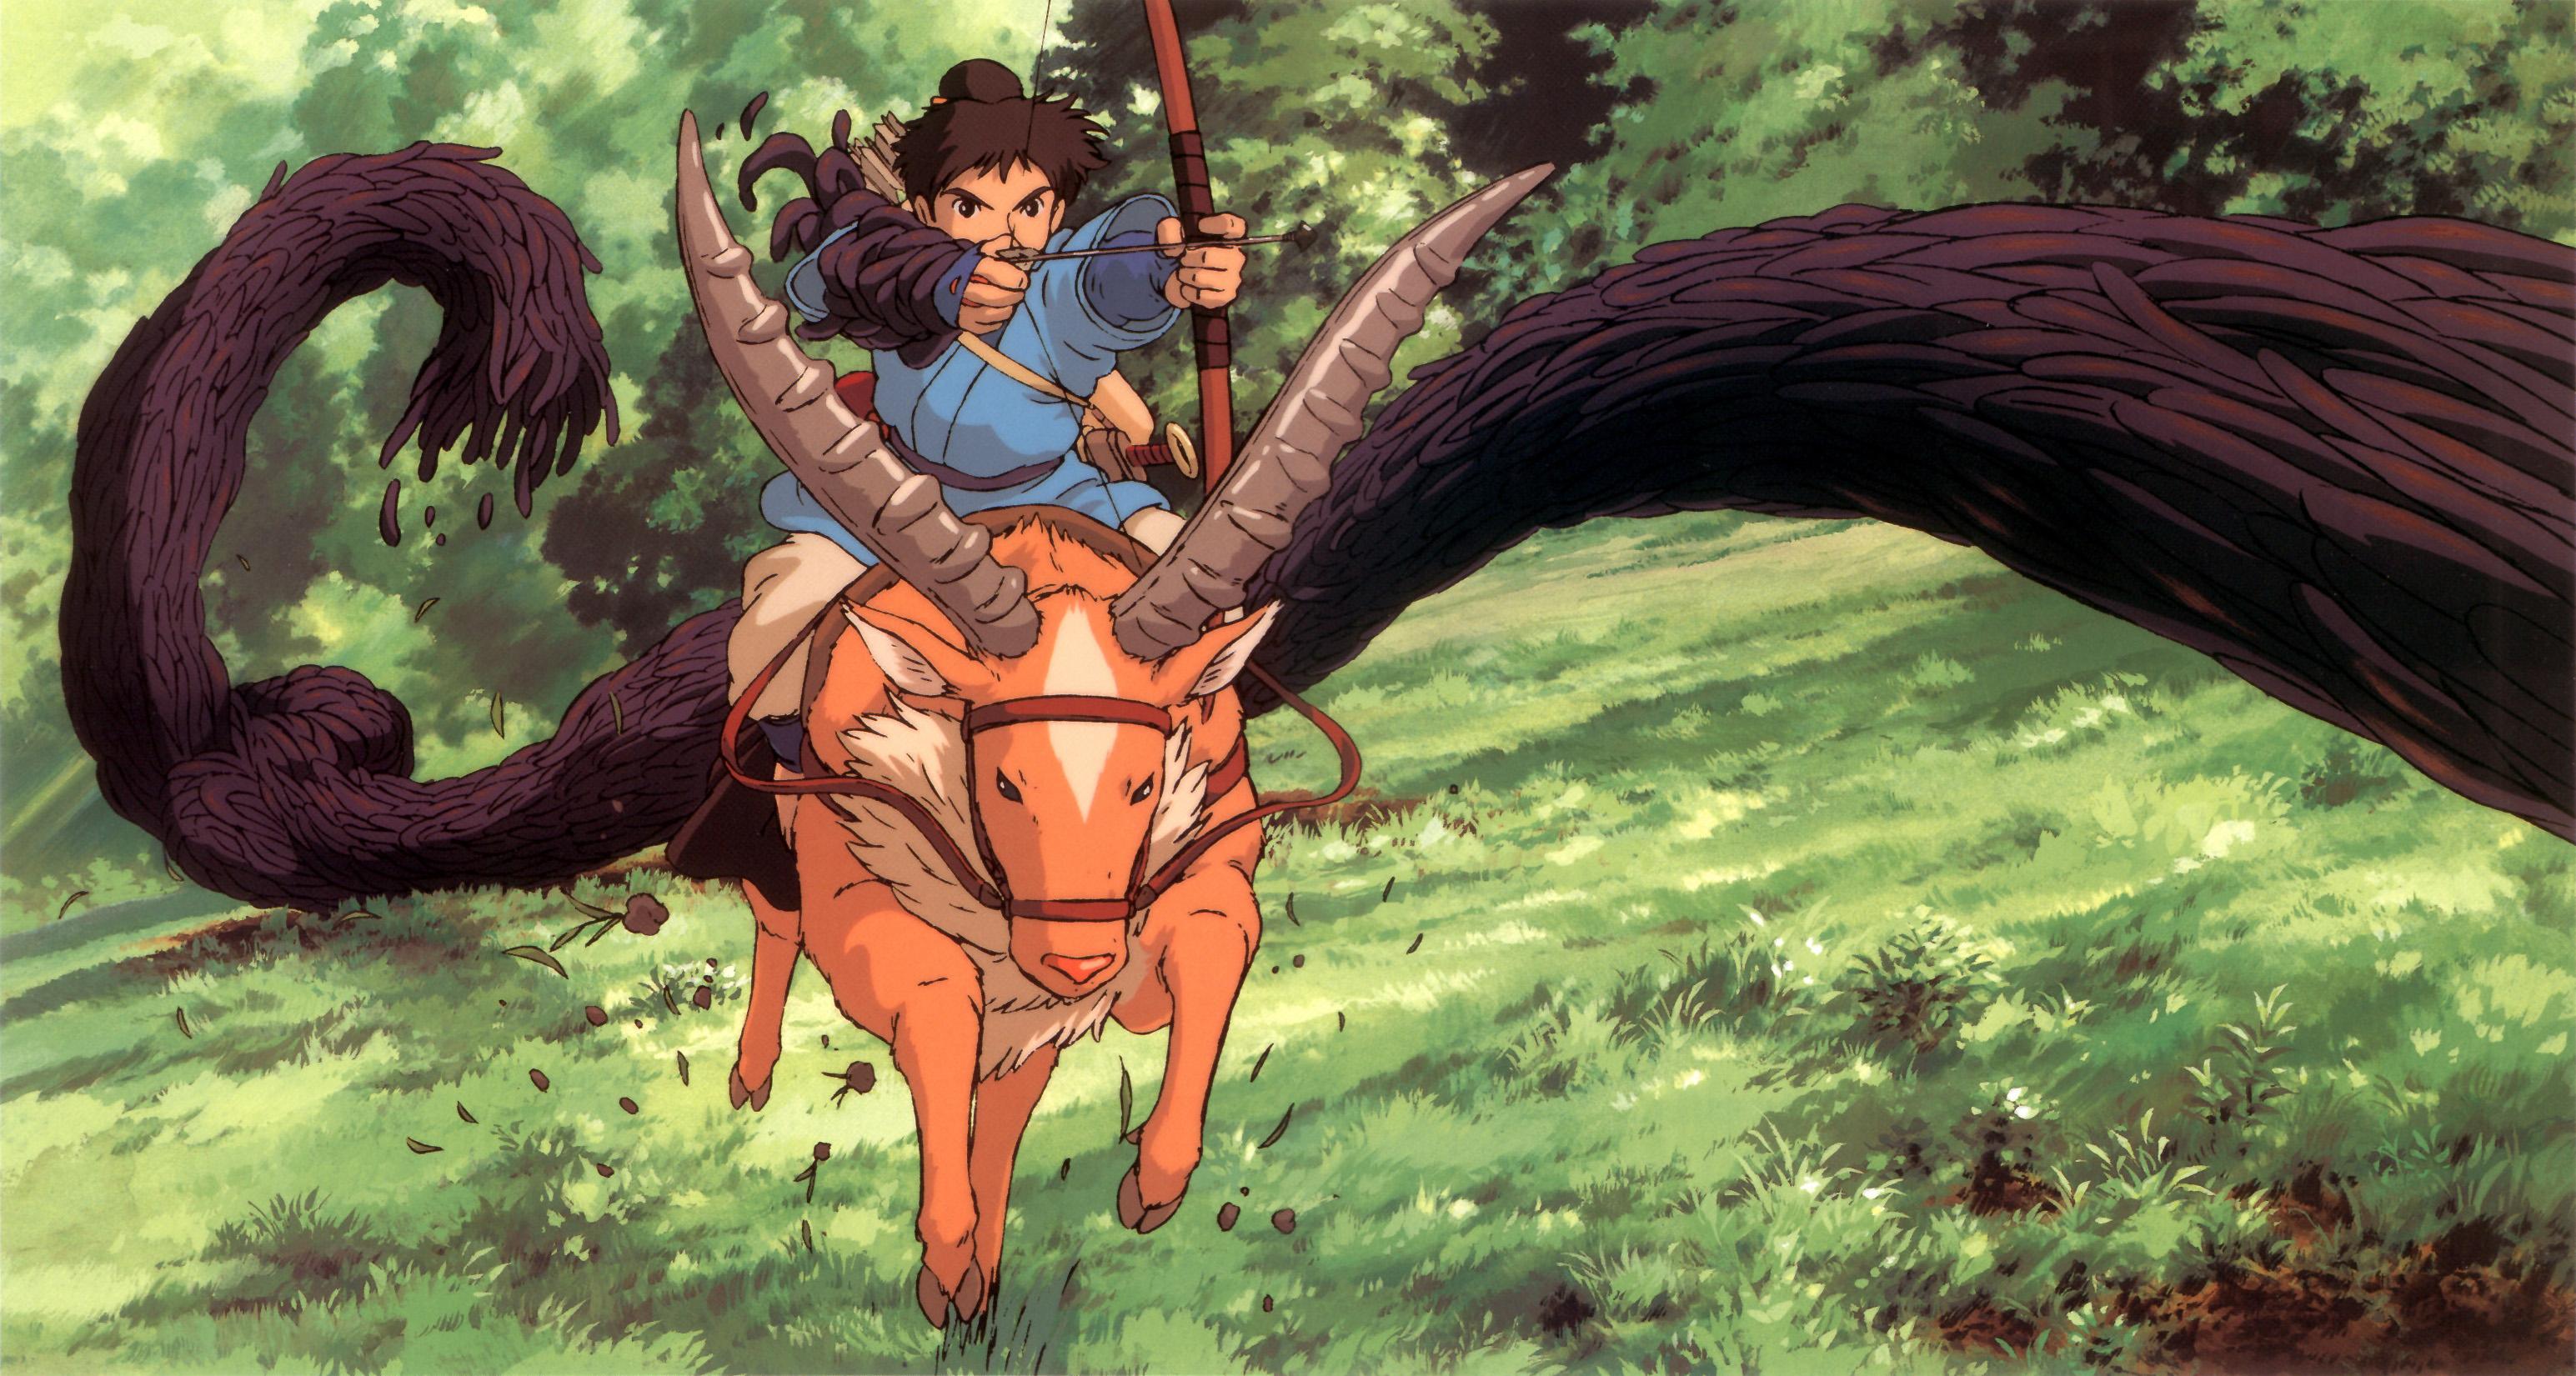 Prince Ashitaka - Mononoke Hime - Image #543421 - Zerochan ...